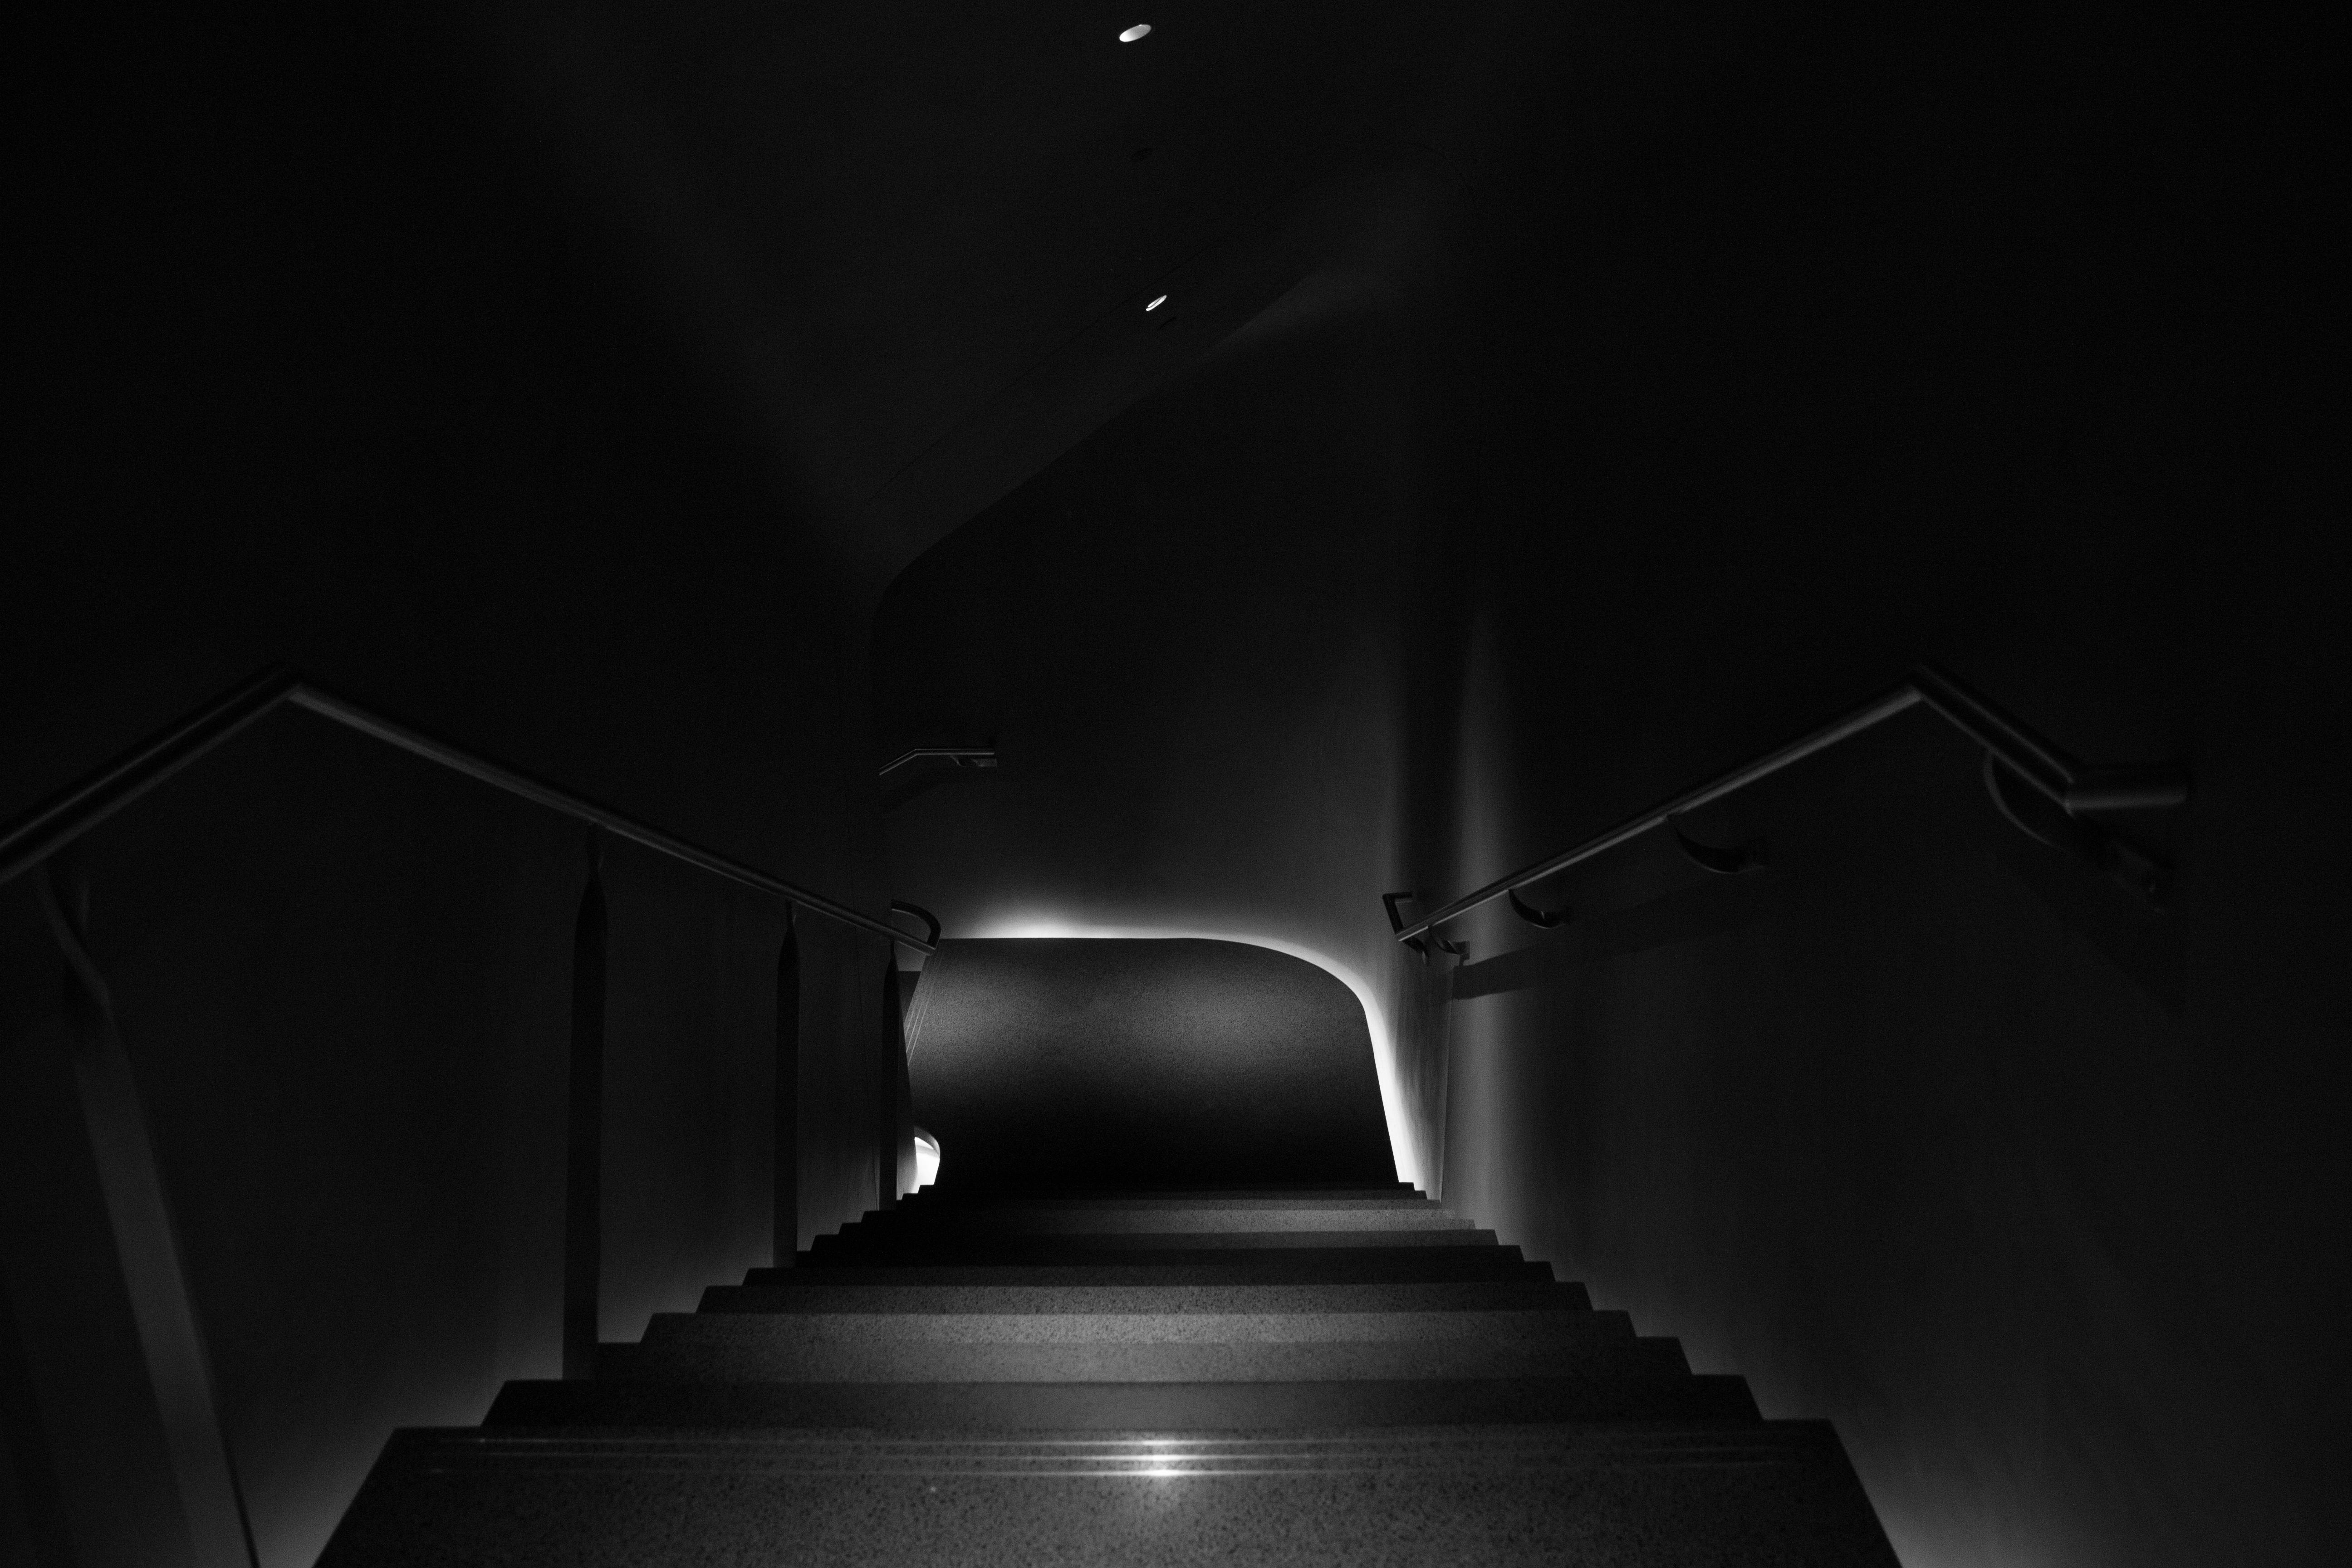 Hình Ảnh : Ánh Sáng, Đen Và Trắng, Đêm, Nhiếp Ảnh, Đường Hầm, Bóng Tối, Đơn  Sắc, Thắp Sáng, Cơ Sở Hạ Tầng, Đối Xứng, Nhiếp Ảnh Đơn Sắc, Phim Noir  5184x3456 ...